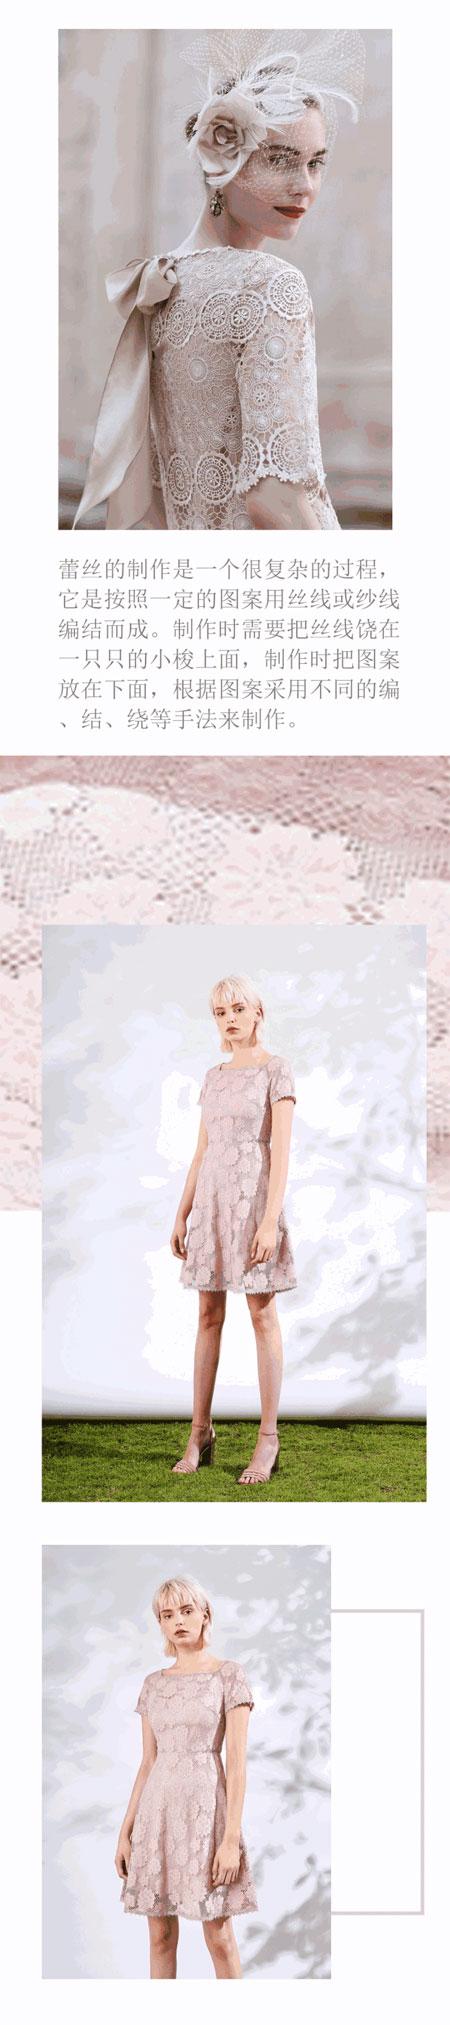 2018夏季红凯贝尔女装新品系列新鲜出炉